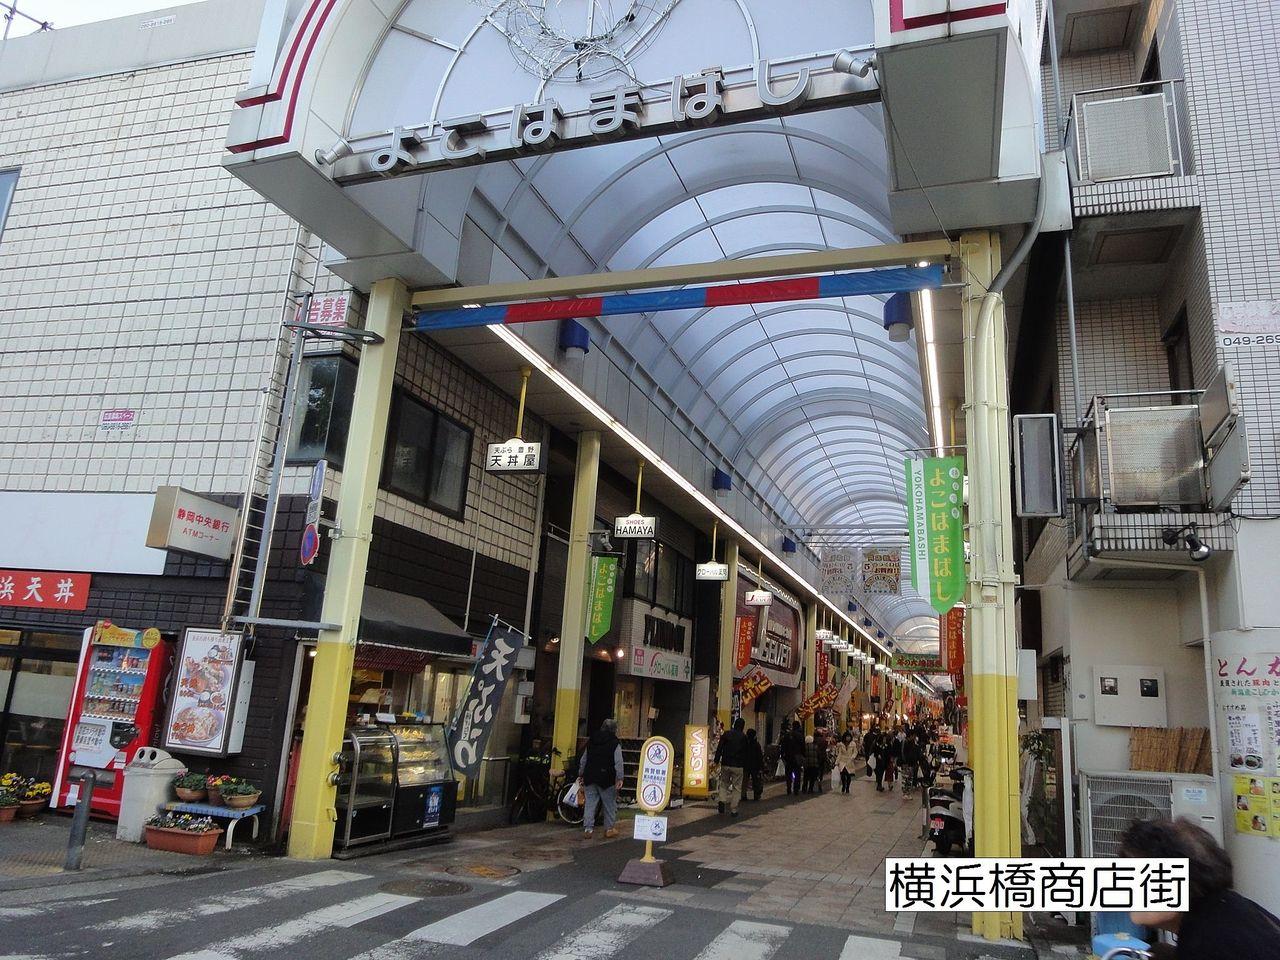 横浜のいきな下町商店街